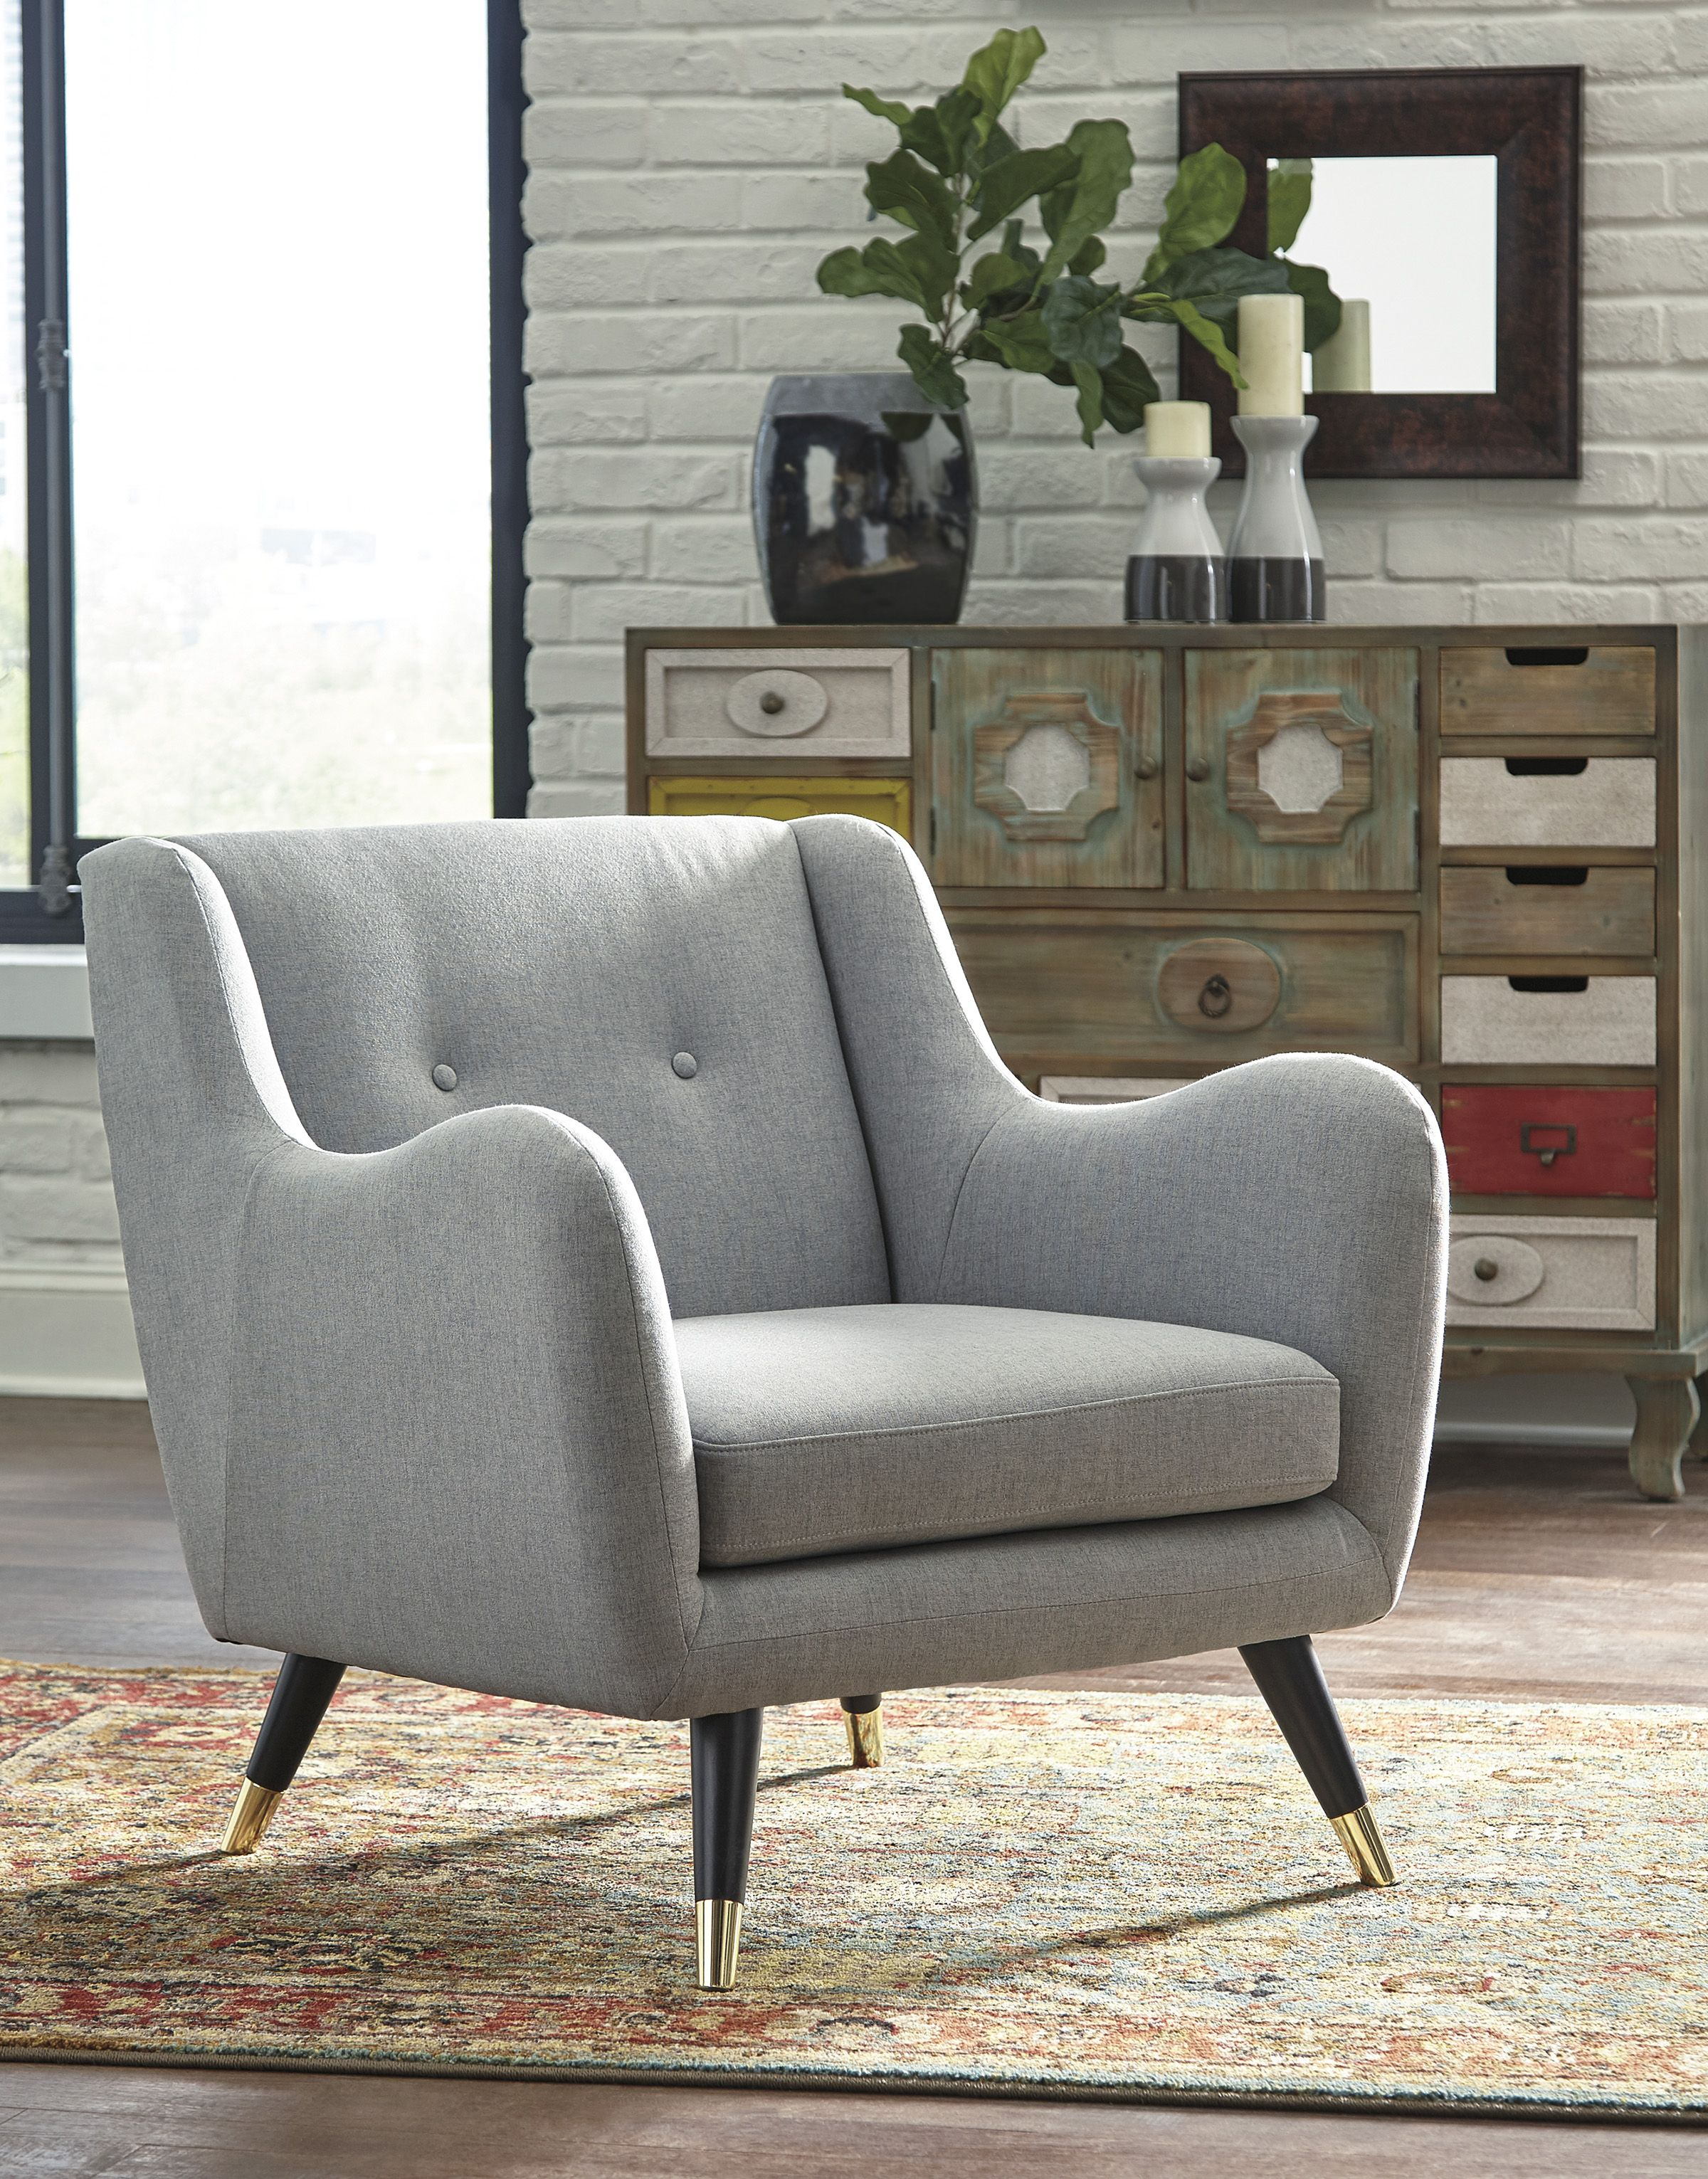 Phenomenal Accent Chair Mid Century Modern Mood Furniture Grey Inzonedesignstudio Interior Chair Design Inzonedesignstudiocom